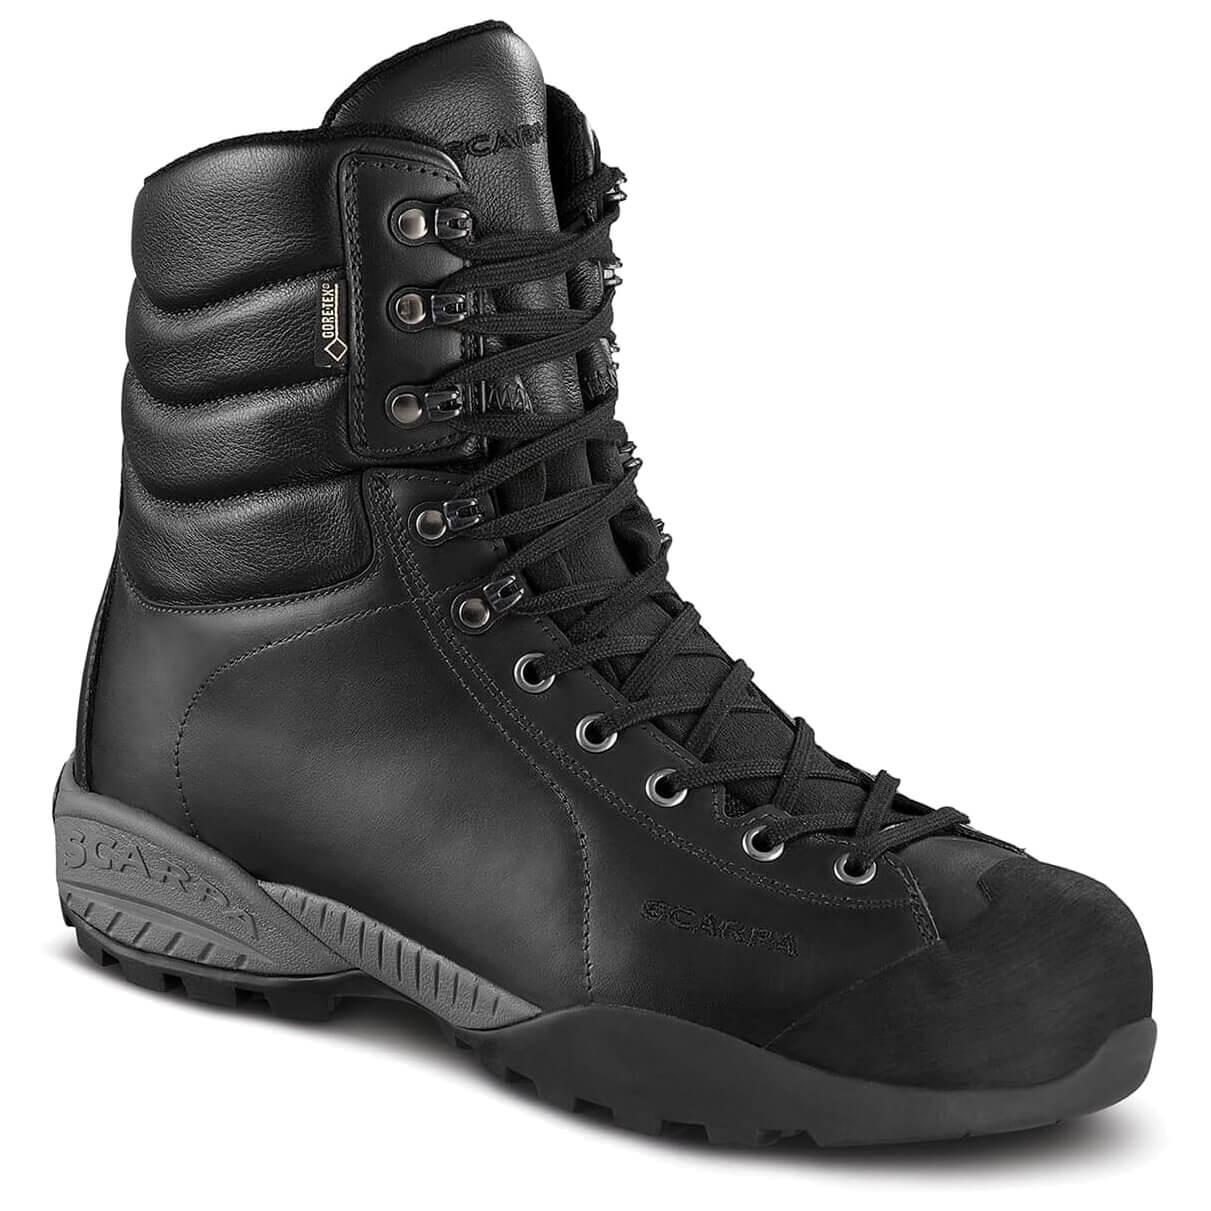 Scarpa Mojito Maxi Gtx Winter Boots Free Uk Delivery